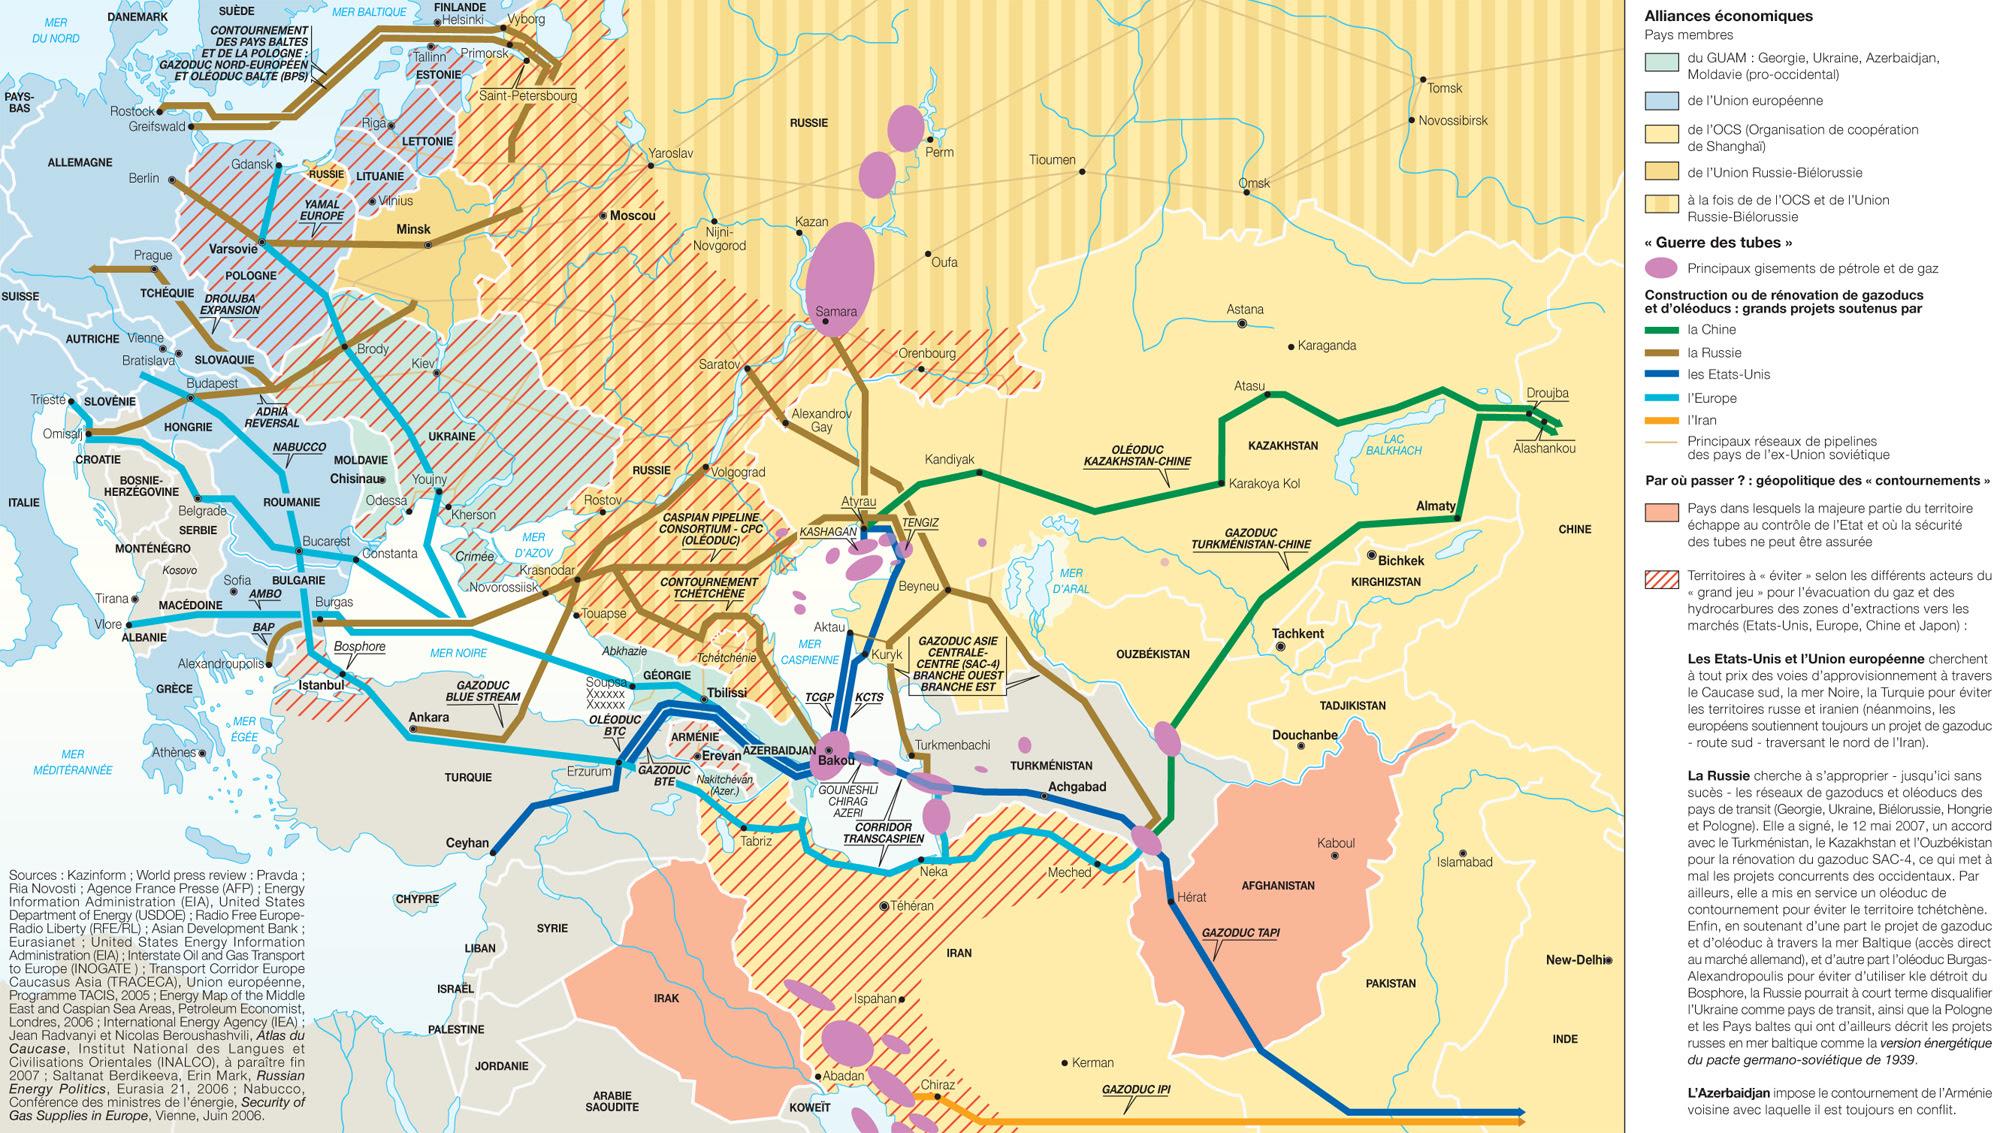 Le Nouveau Grand Jeu En Asie Centrale Blogrunner